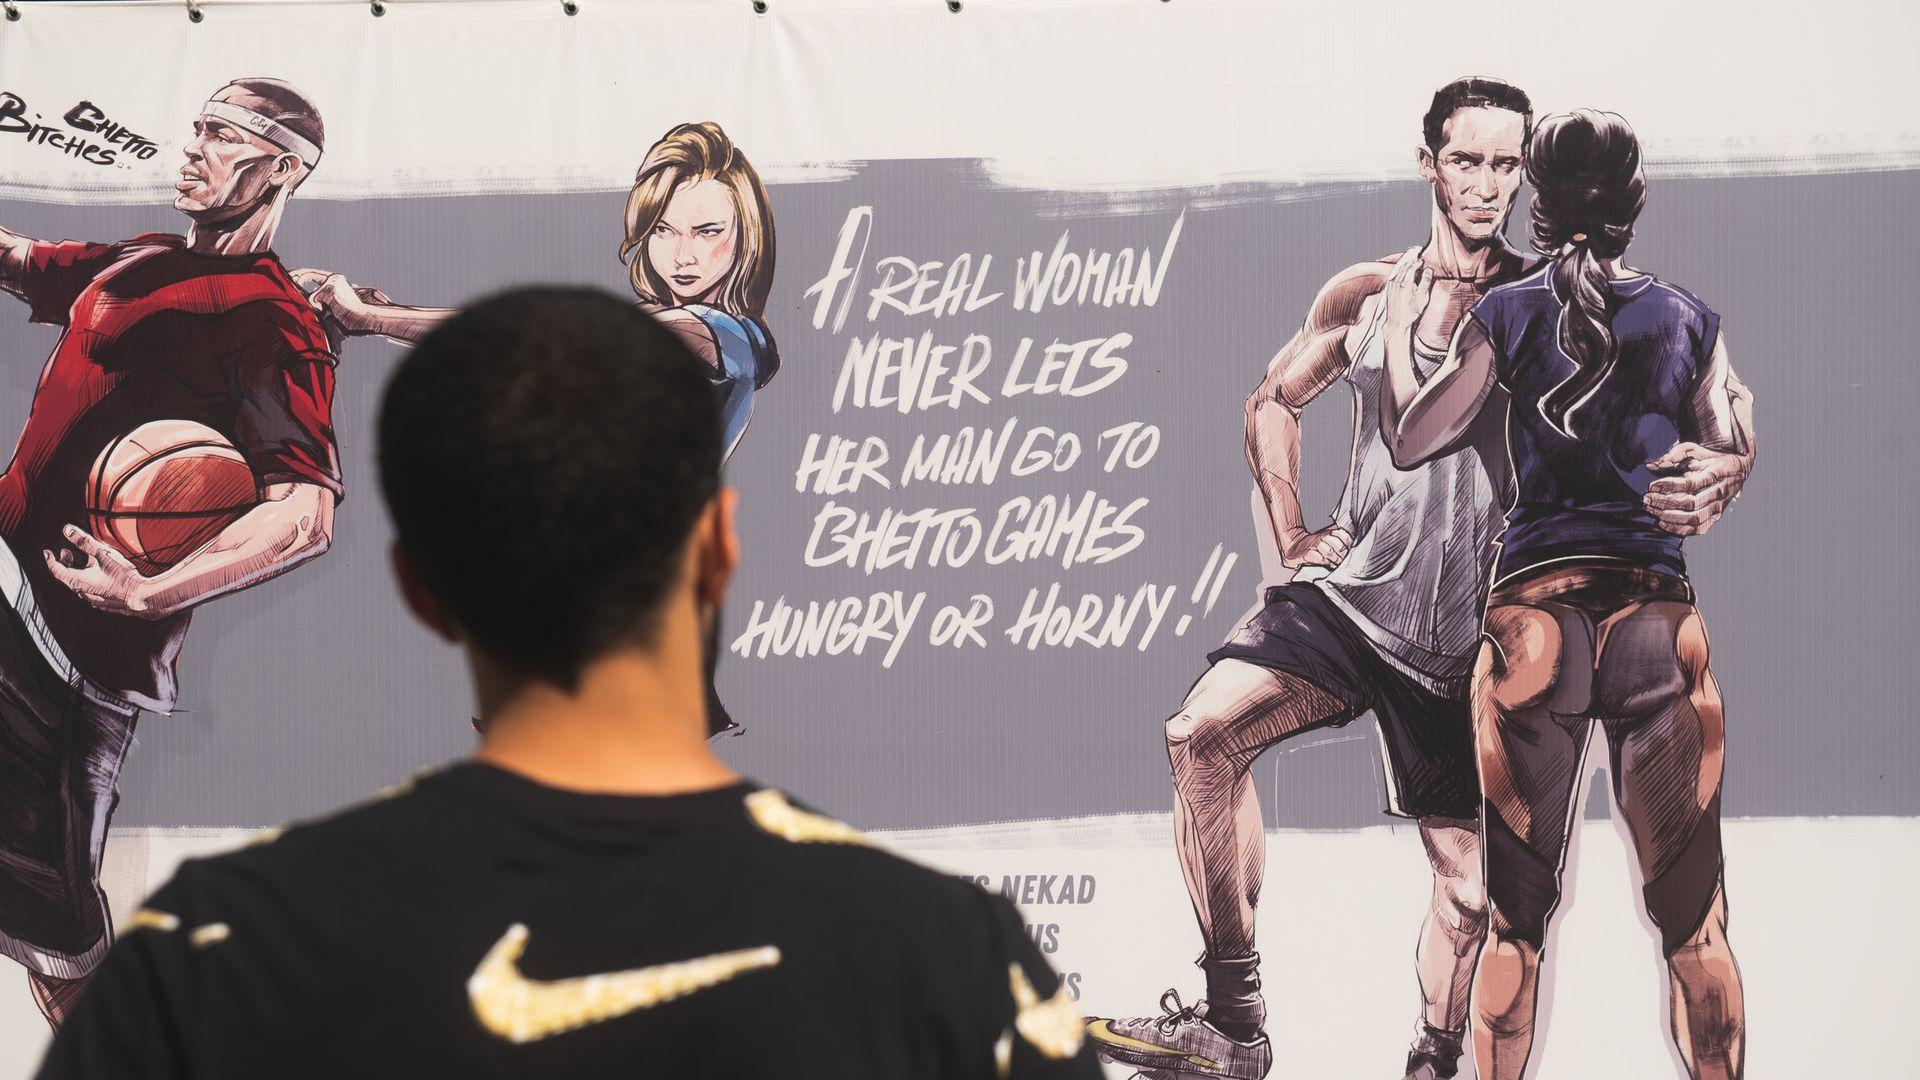 """Vai māksla var provocēt? Grīziņkalnā skandalozie """"Ghetto Games"""" plakāti"""